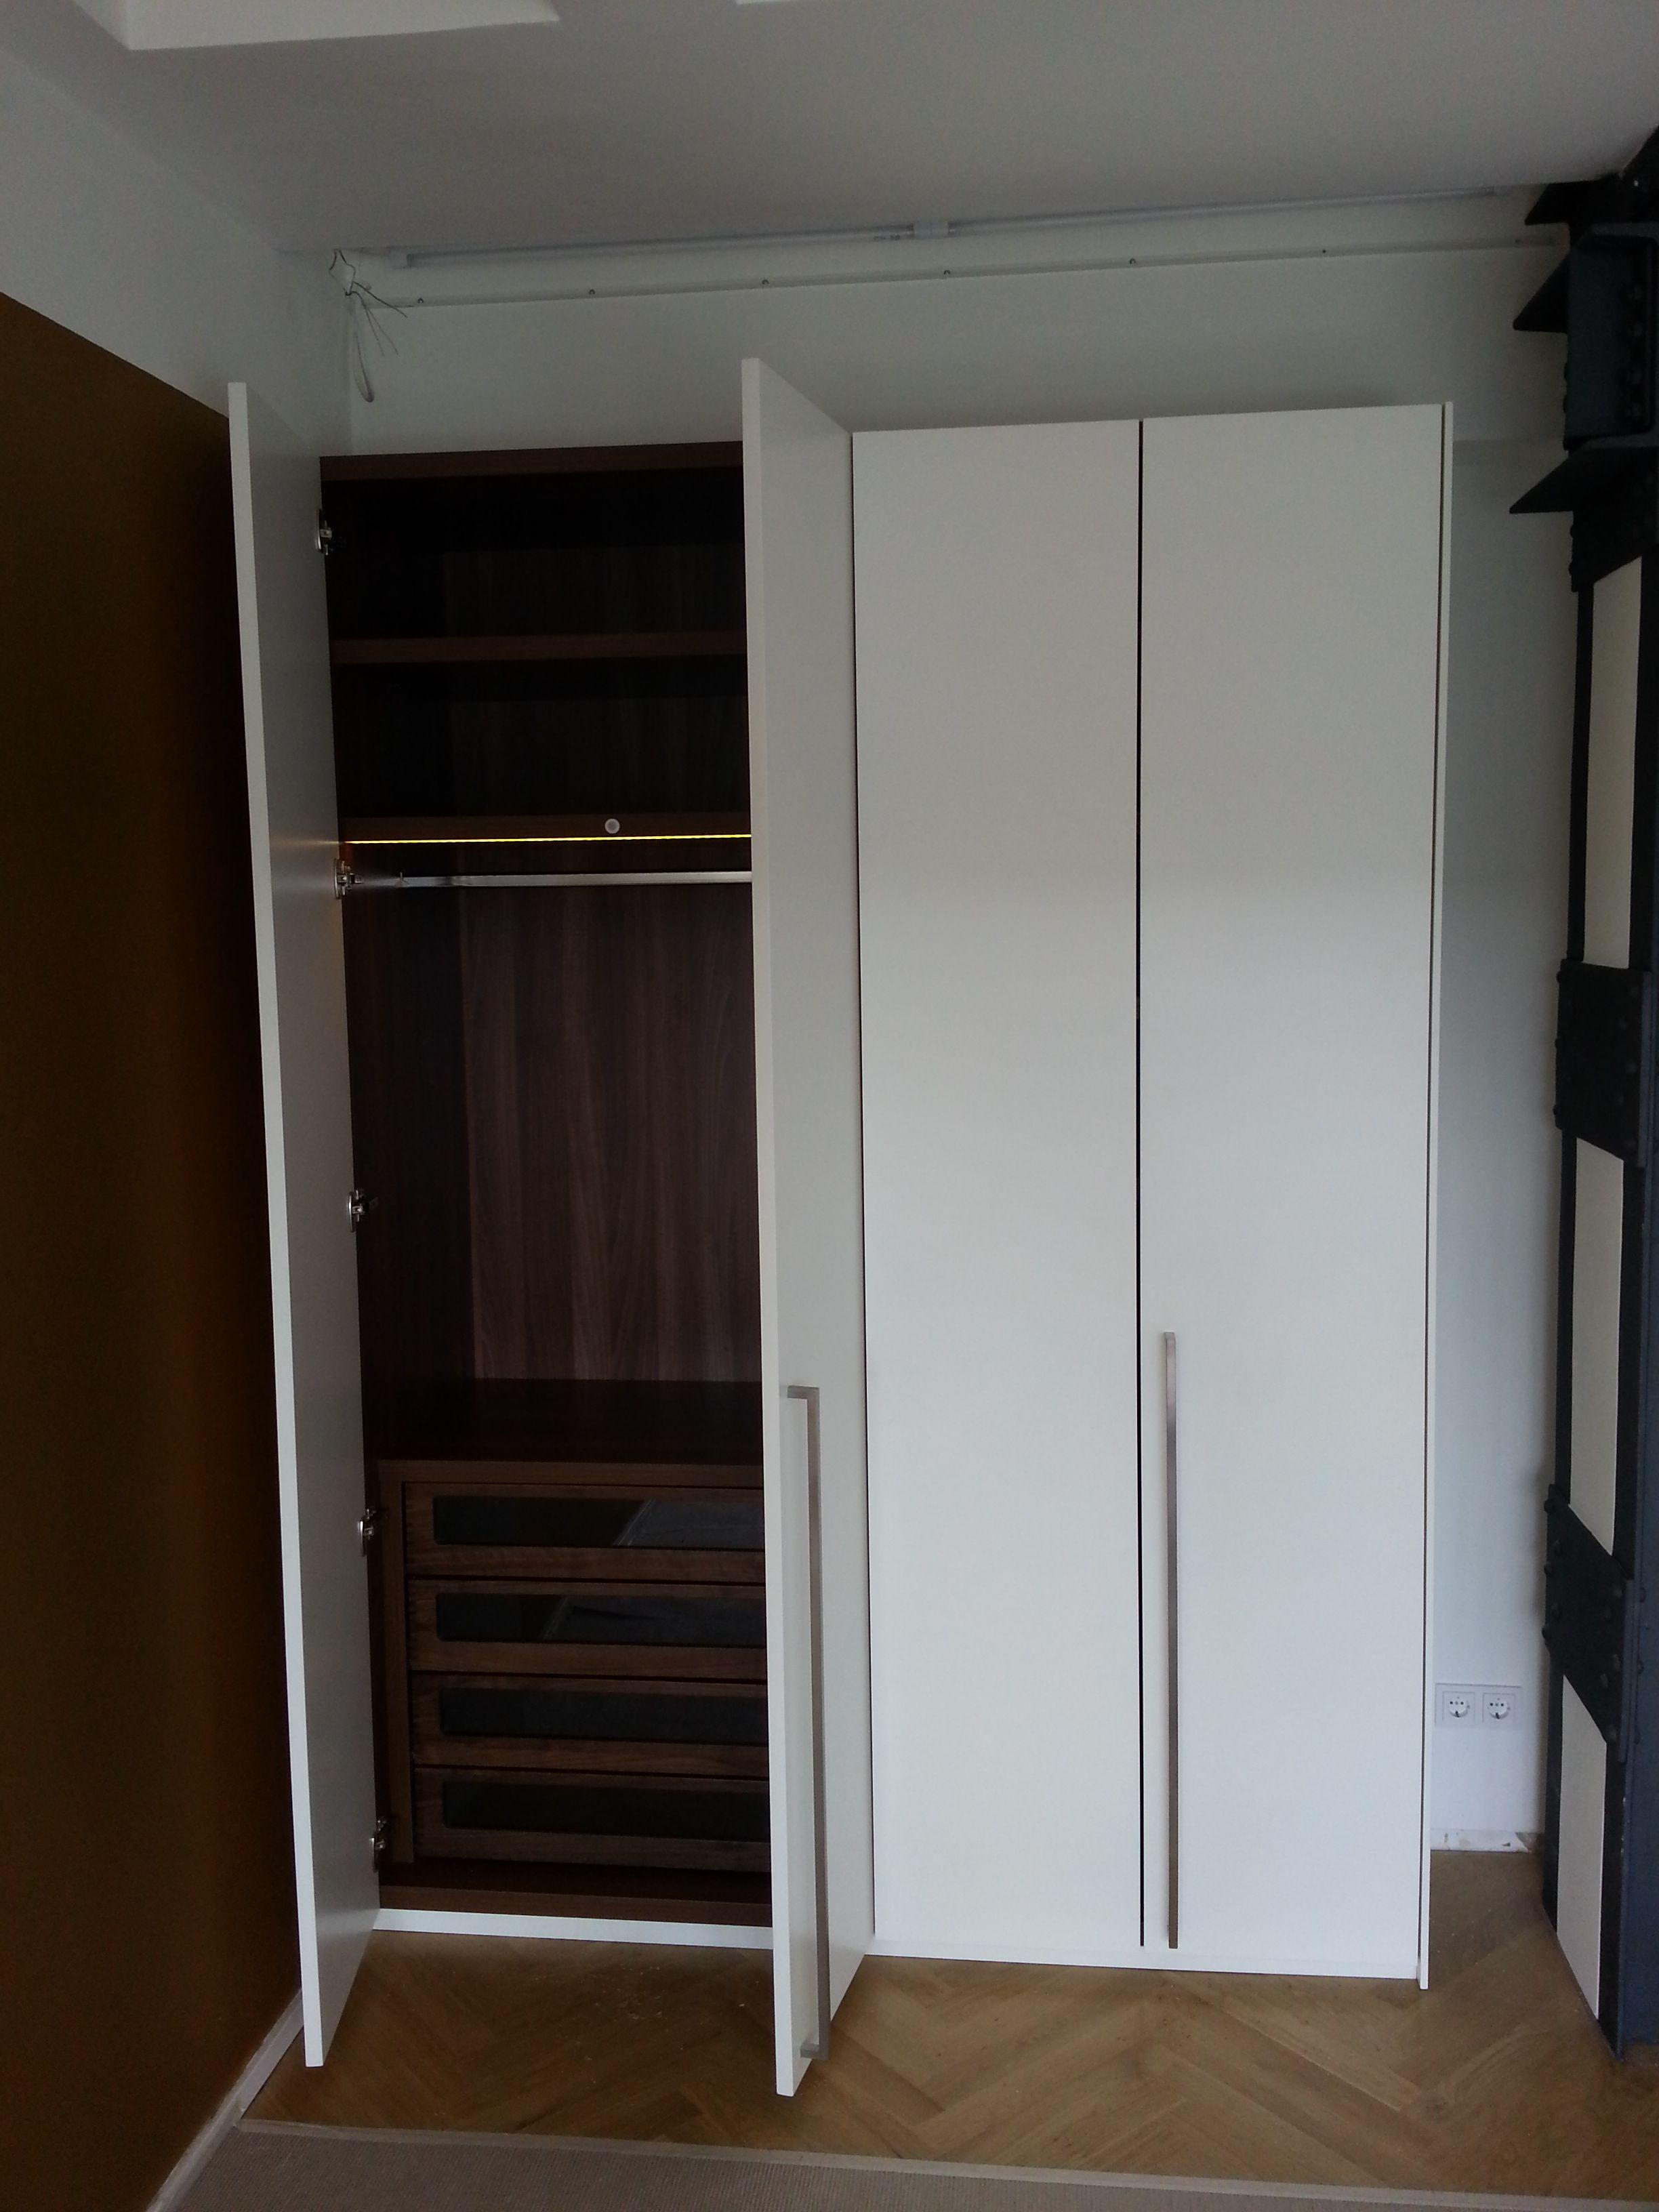 Türen Für Einbauschrank einbauschrank türen weiß seidenmatt lackiert innenleben nussbaum